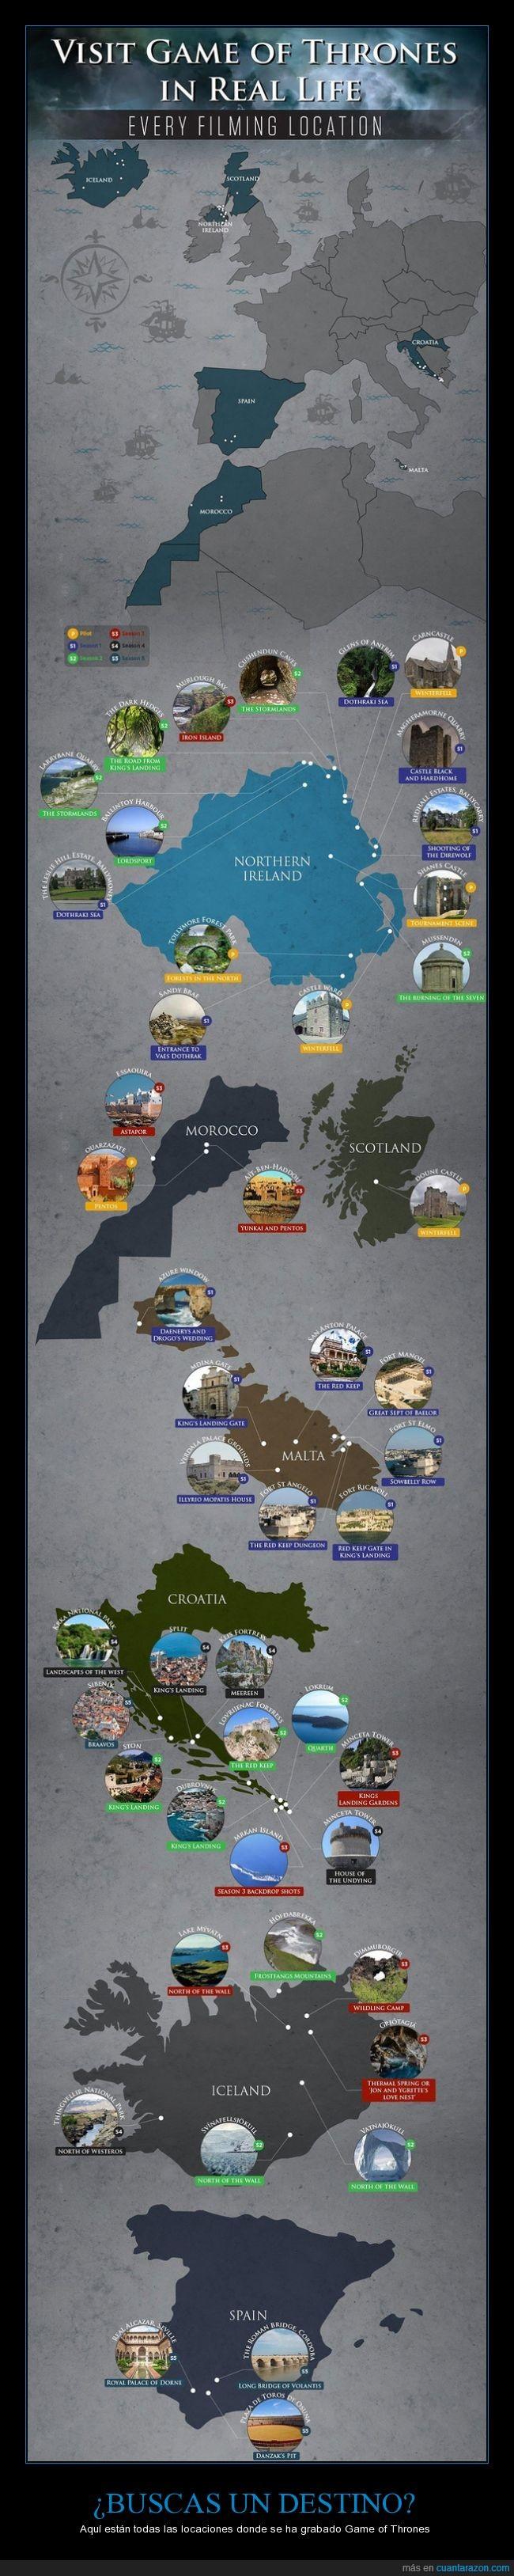 españa,Game of thrones,guia de viajes,Islandia,juego de tronos,localizacion,lugares,marruecos,ubicacion,viajes